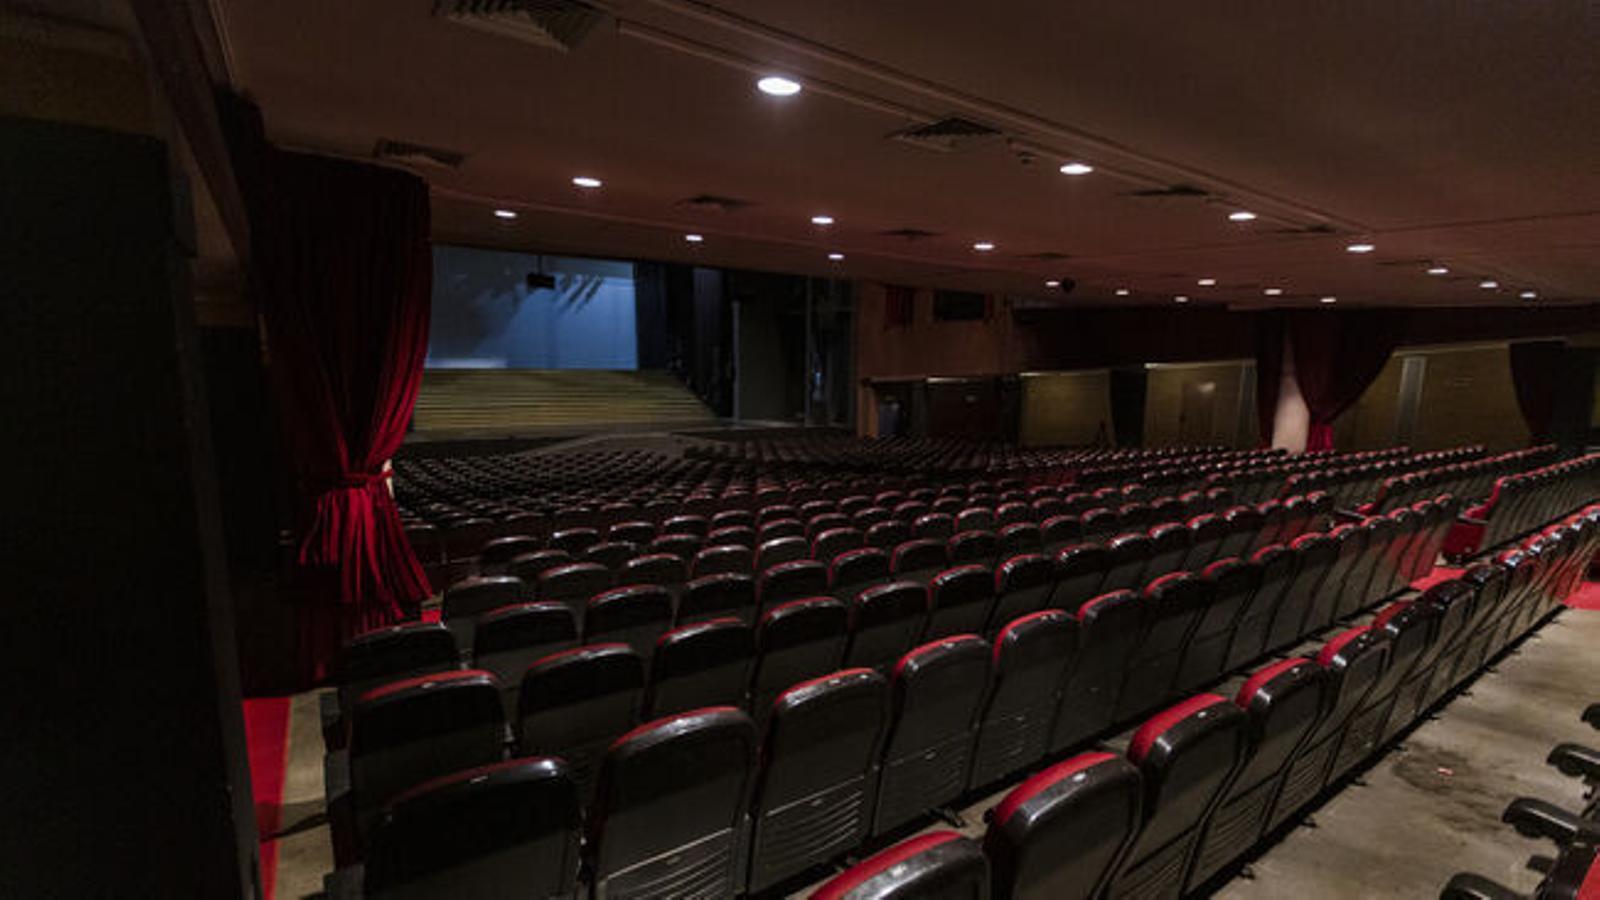 El teatre Victòria amb seients buits en una imatge d'arxiu